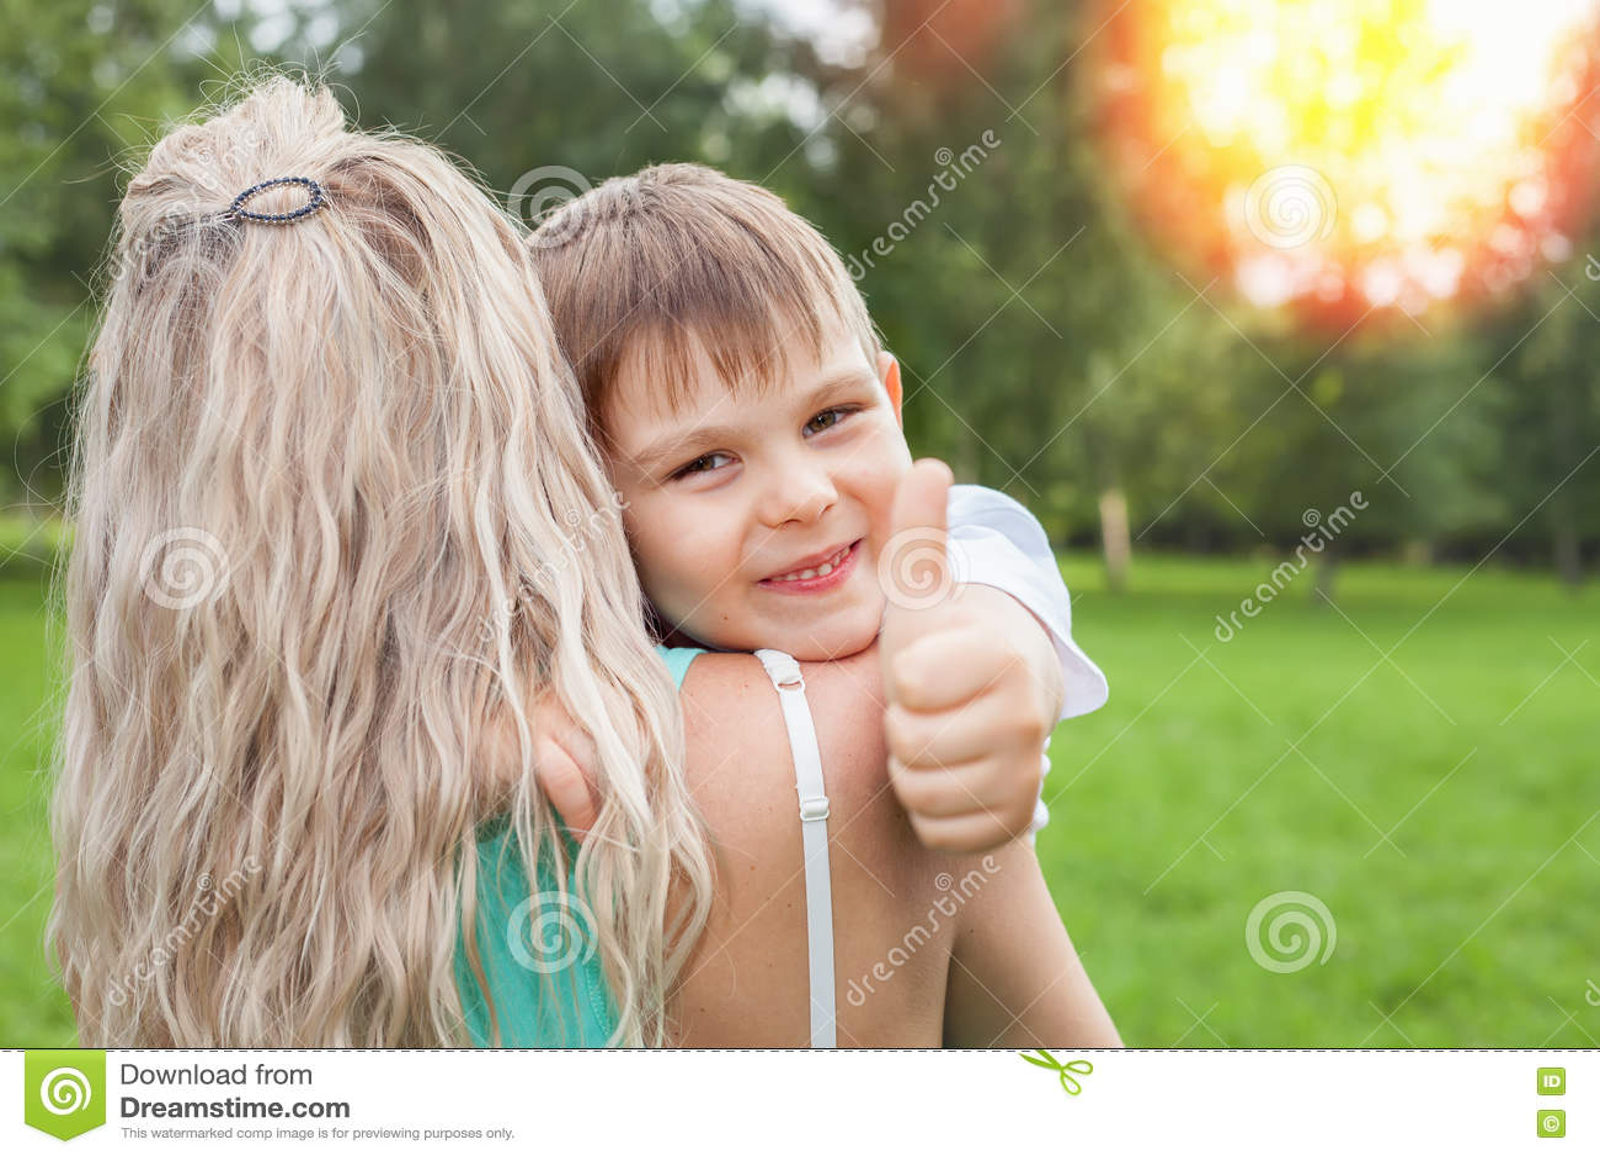 Geile Mädchen Fingern Sich Im Freien